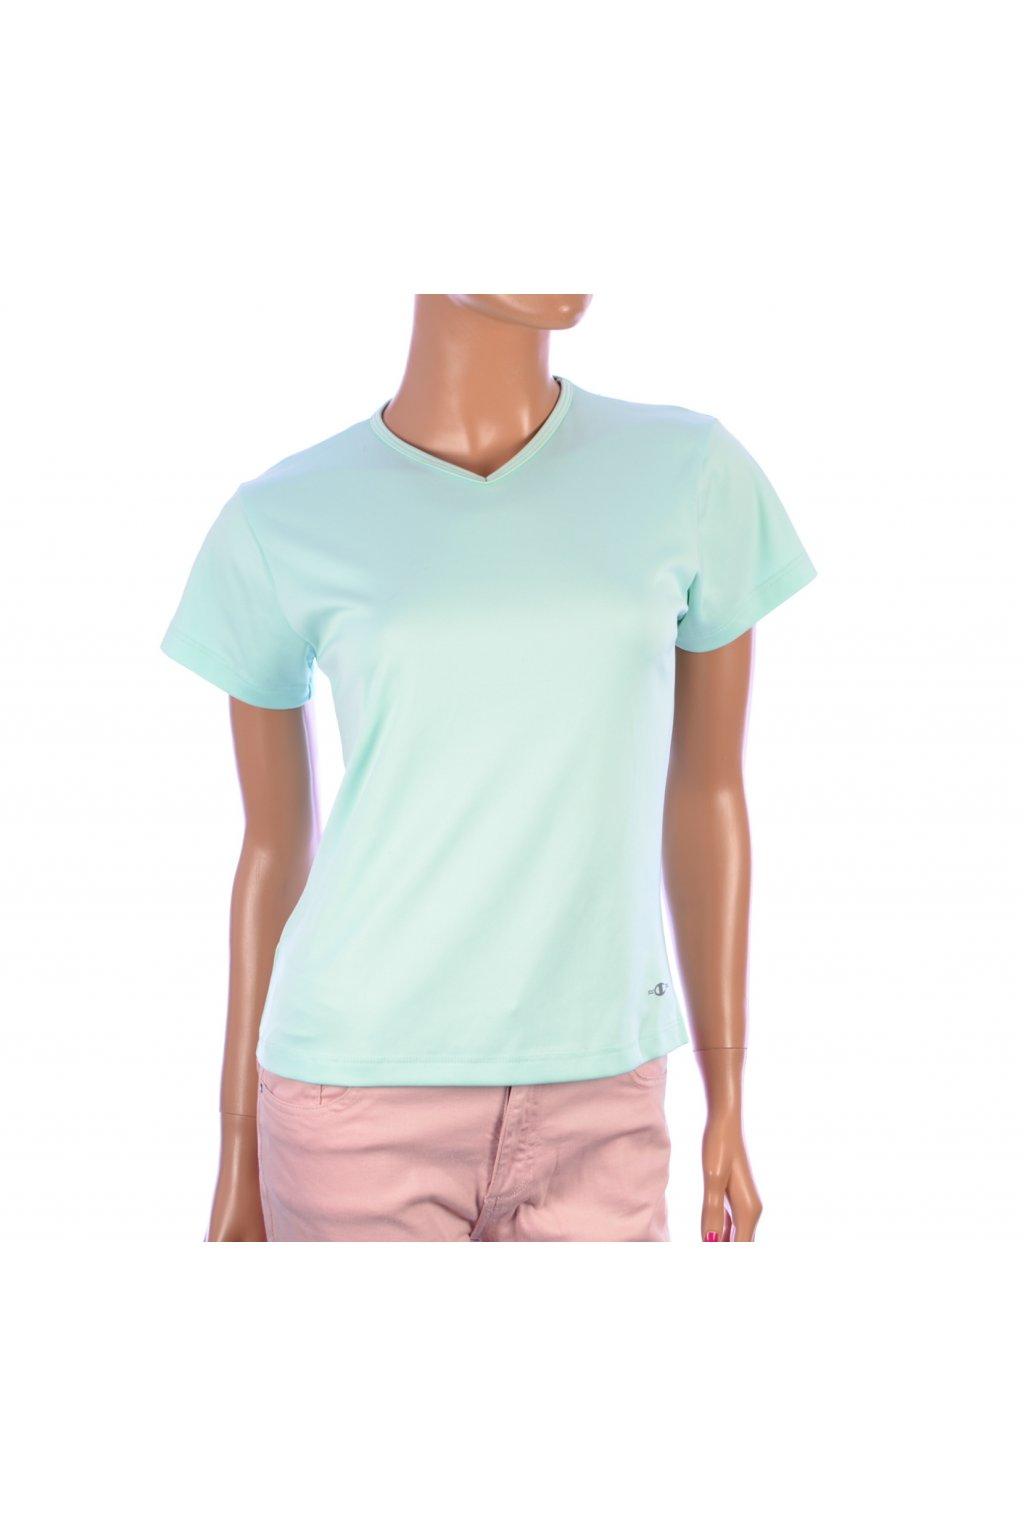 Tričko sportovní pastelově zelené vel. M